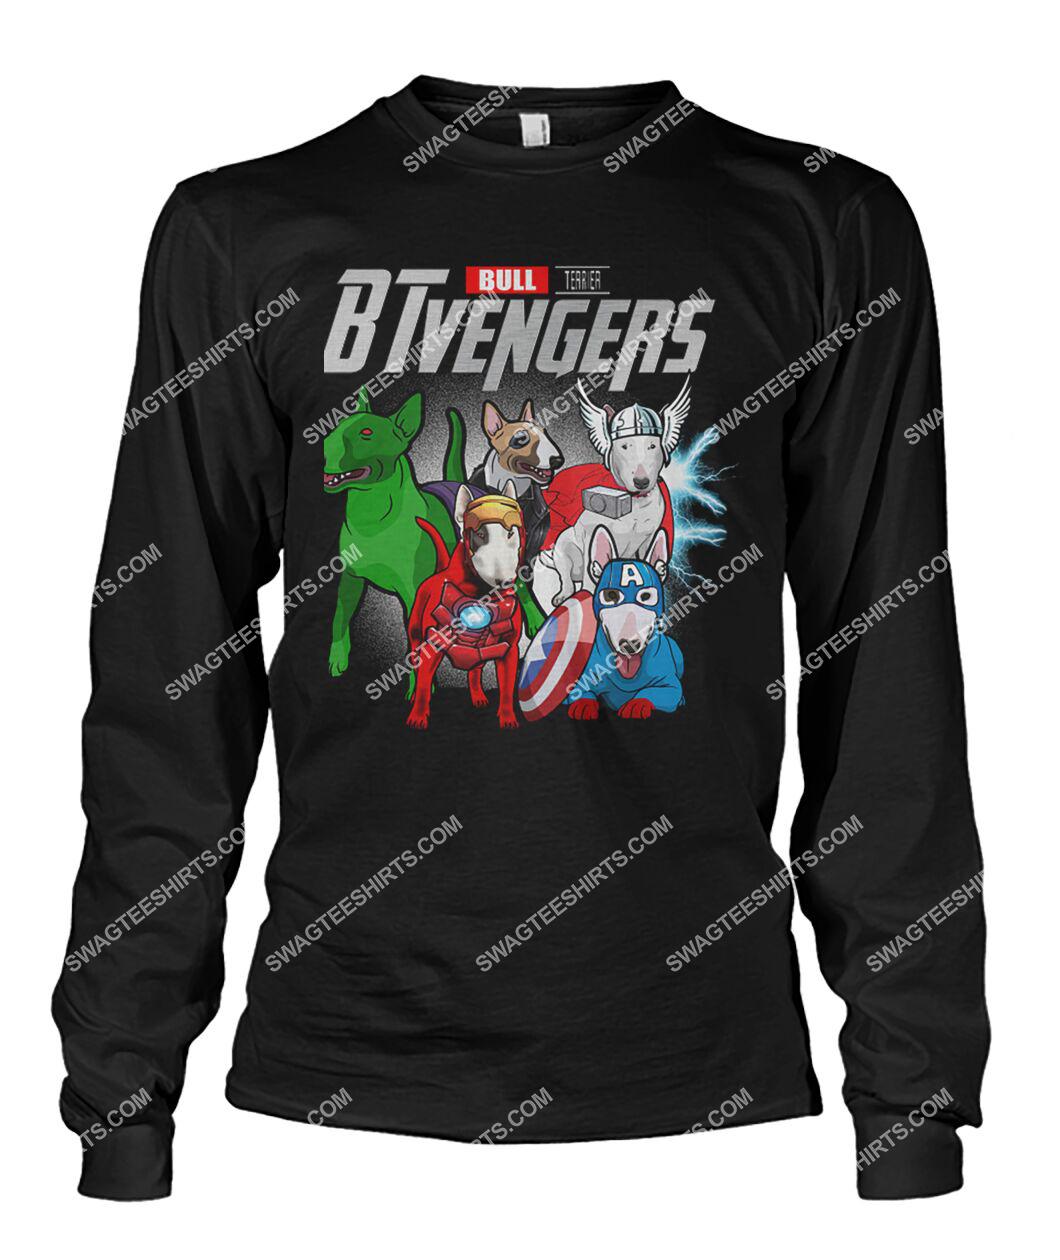 bull terrier btvengers marvel avengers dogs lover sweatshirt 1